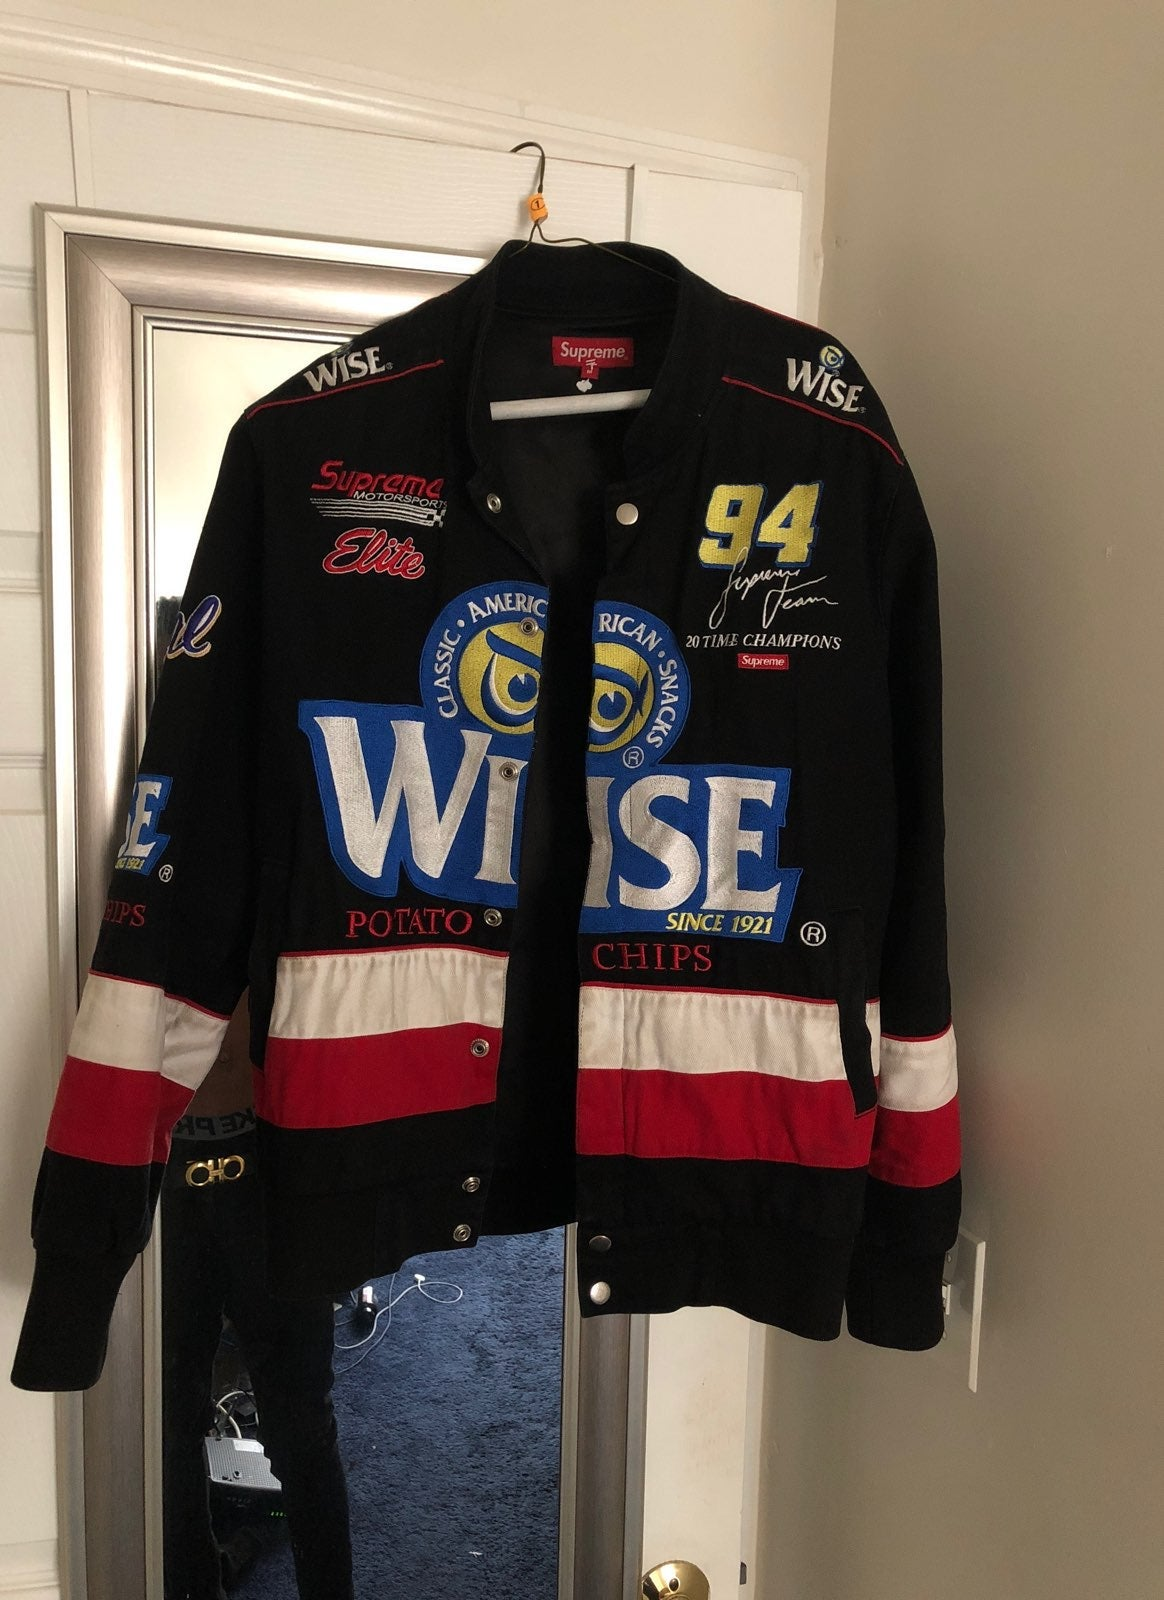 Supreme Wise Race Jacket